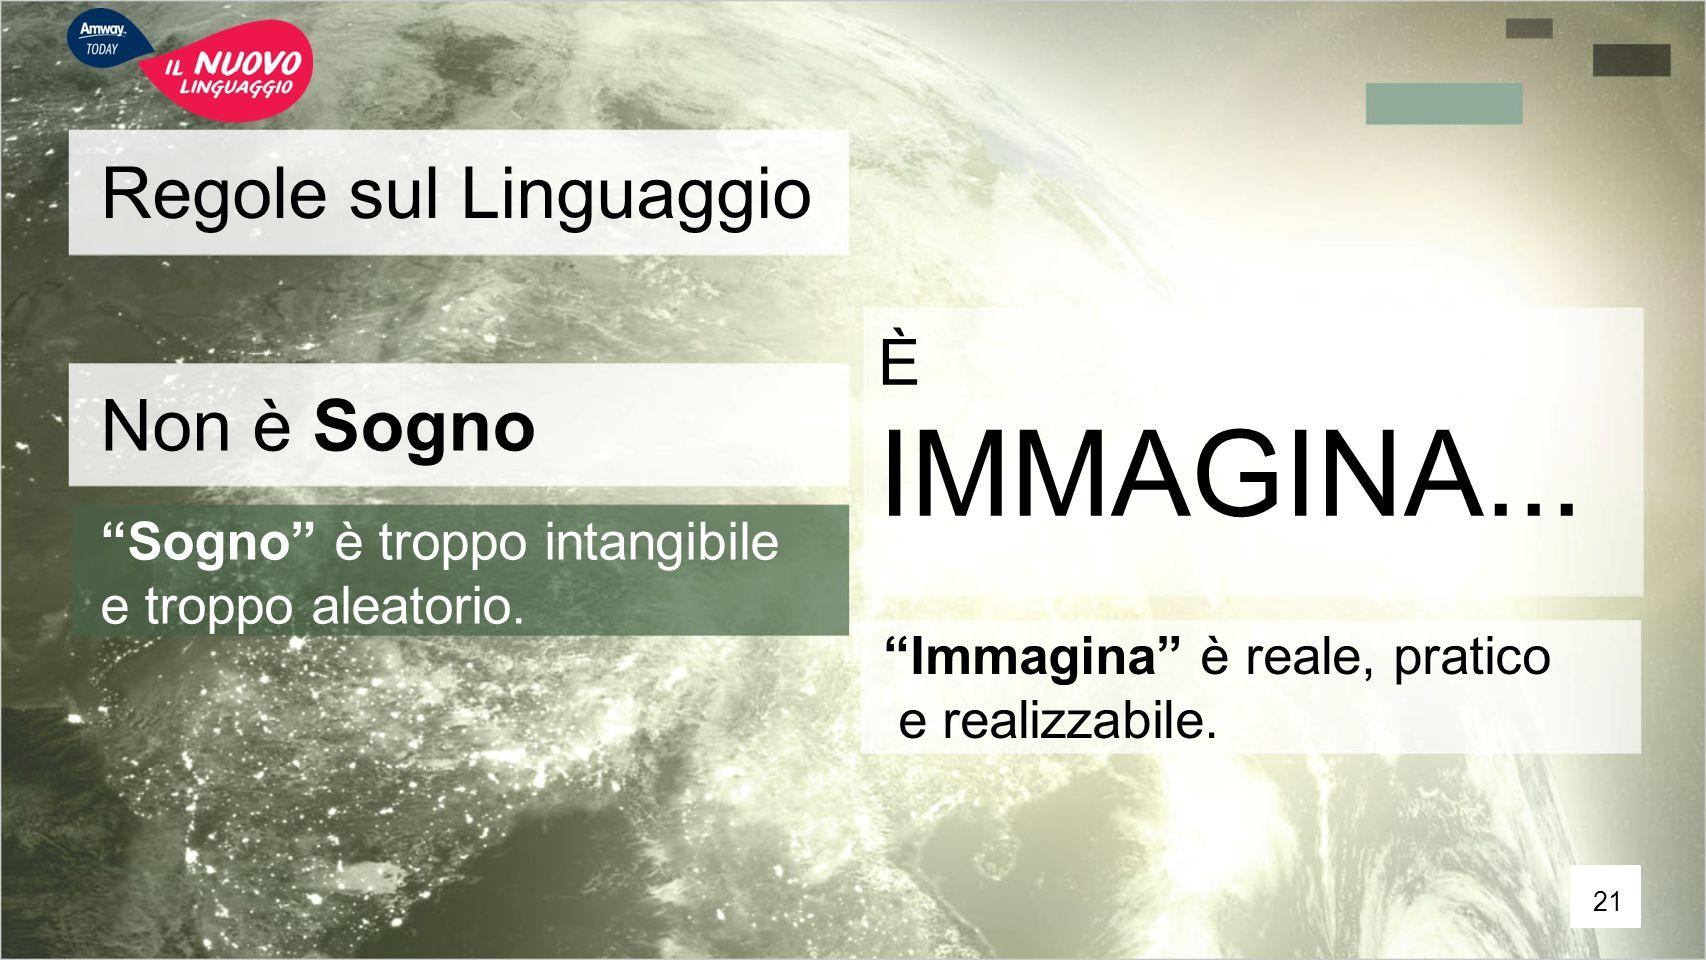 """Non è Sogno Regole sul Linguaggio """"Sogno"""" è troppo intangibile e troppo aleatorio. """"Immagina"""" è reale, pratico e realizzabile. È IMMAGINA... 21"""